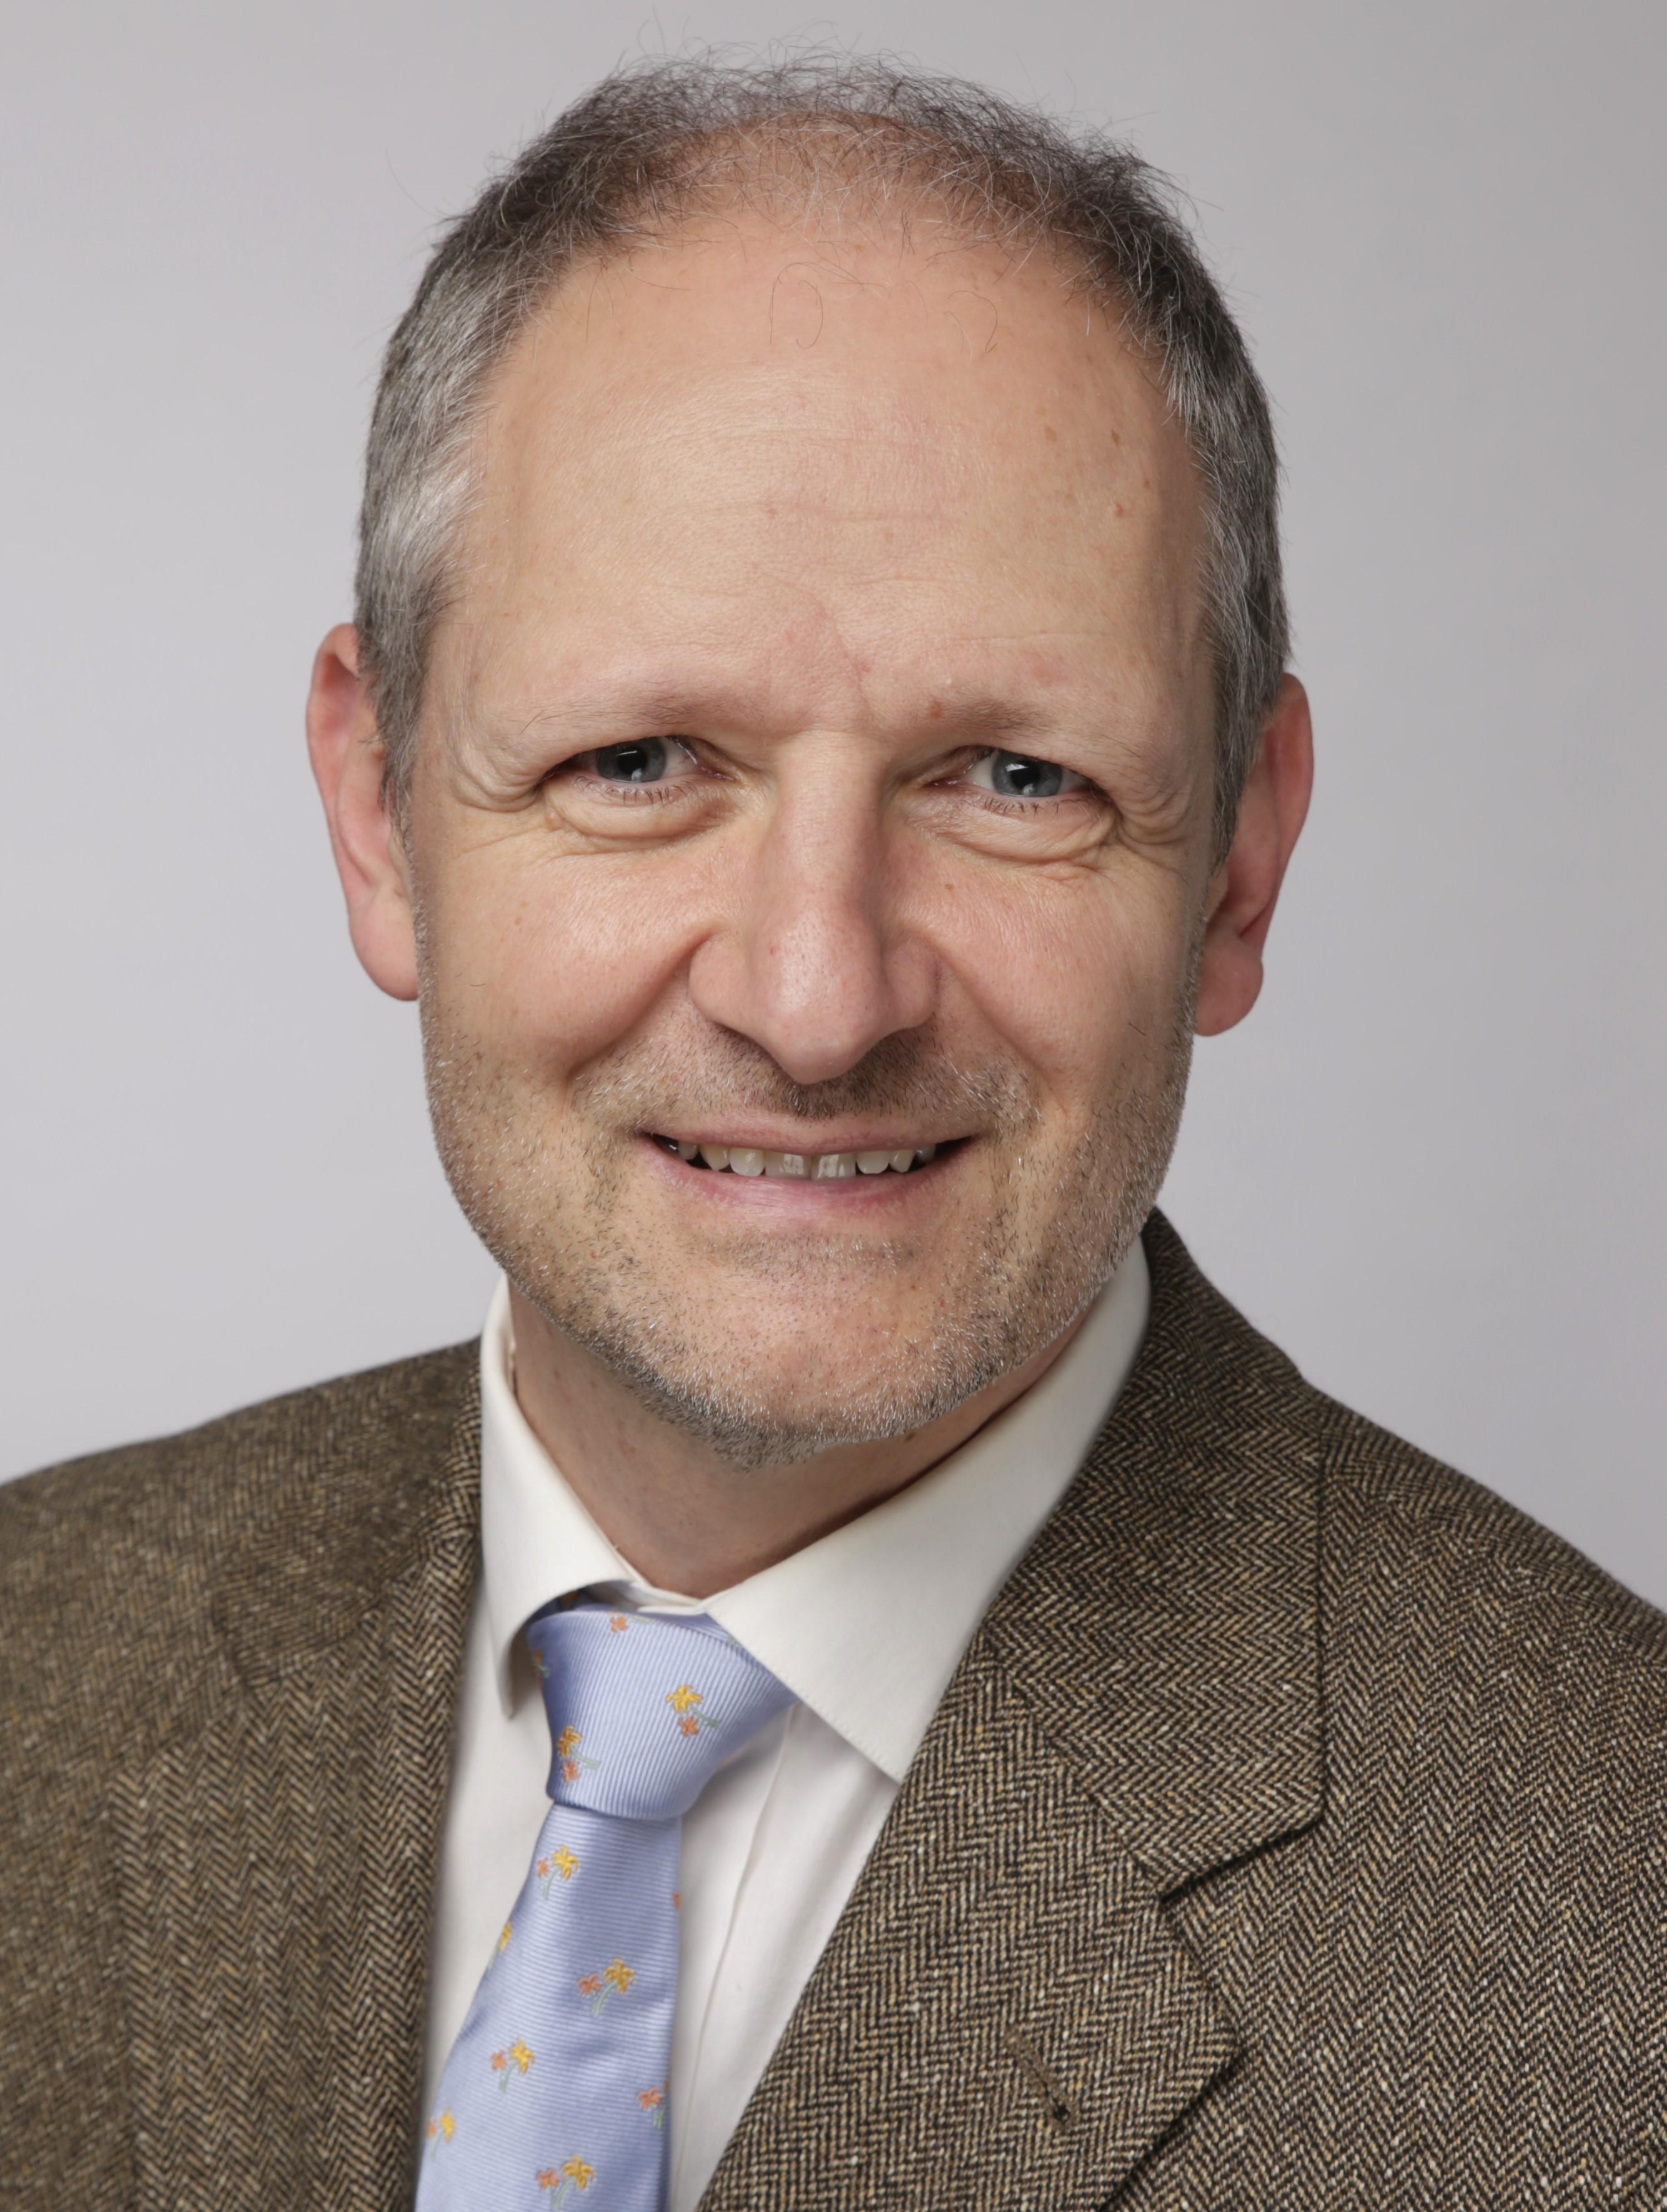 Harald Schörverth